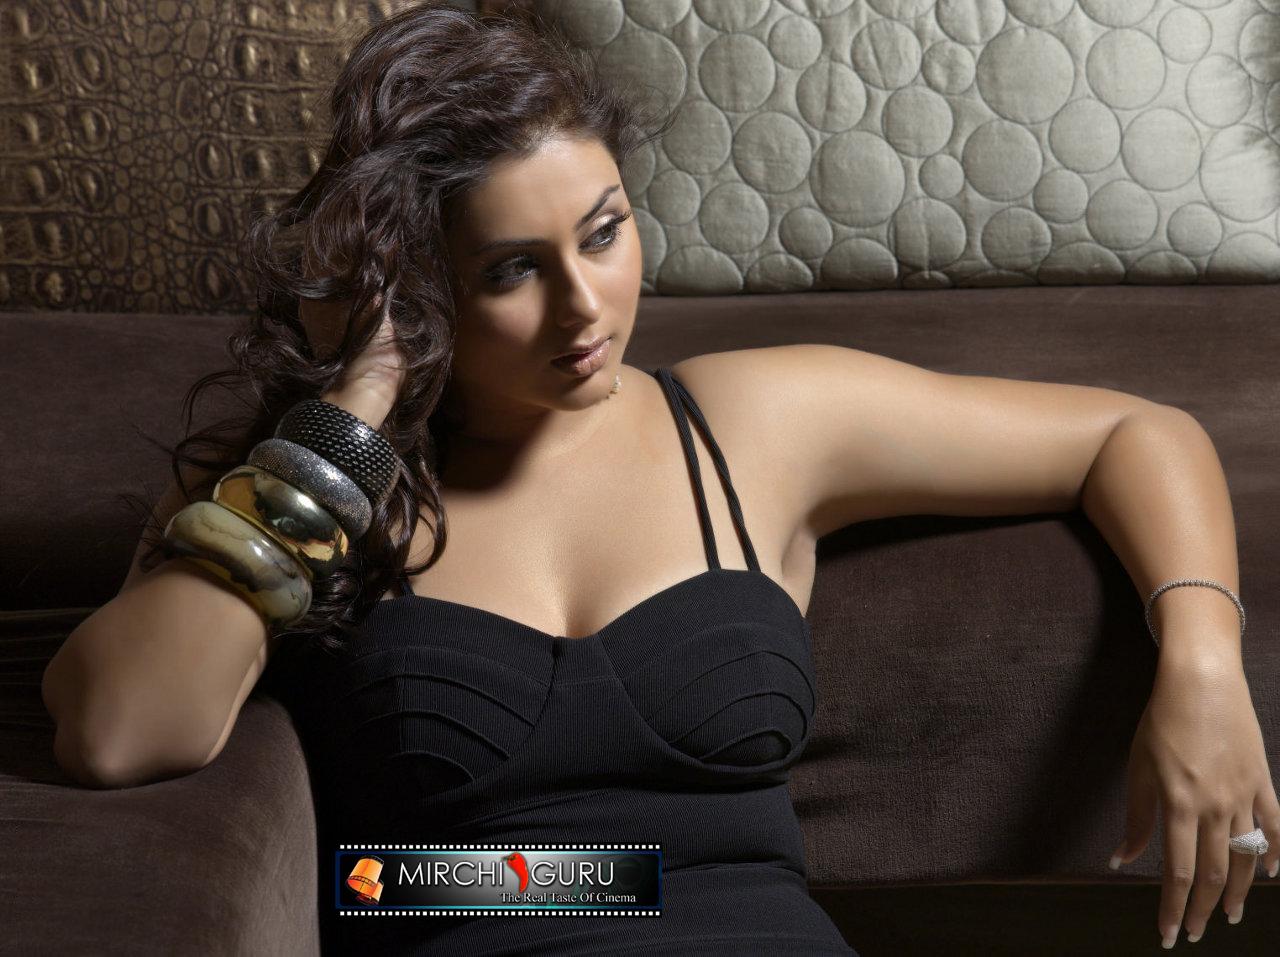 http://1.bp.blogspot.com/_jdnlGz1uv74/TKAu7leaMhI/AAAAAAAAACg/FAYjq9oV0sA/s1600/namitha_photo_shoot_wallpapers_04+copy.jpg